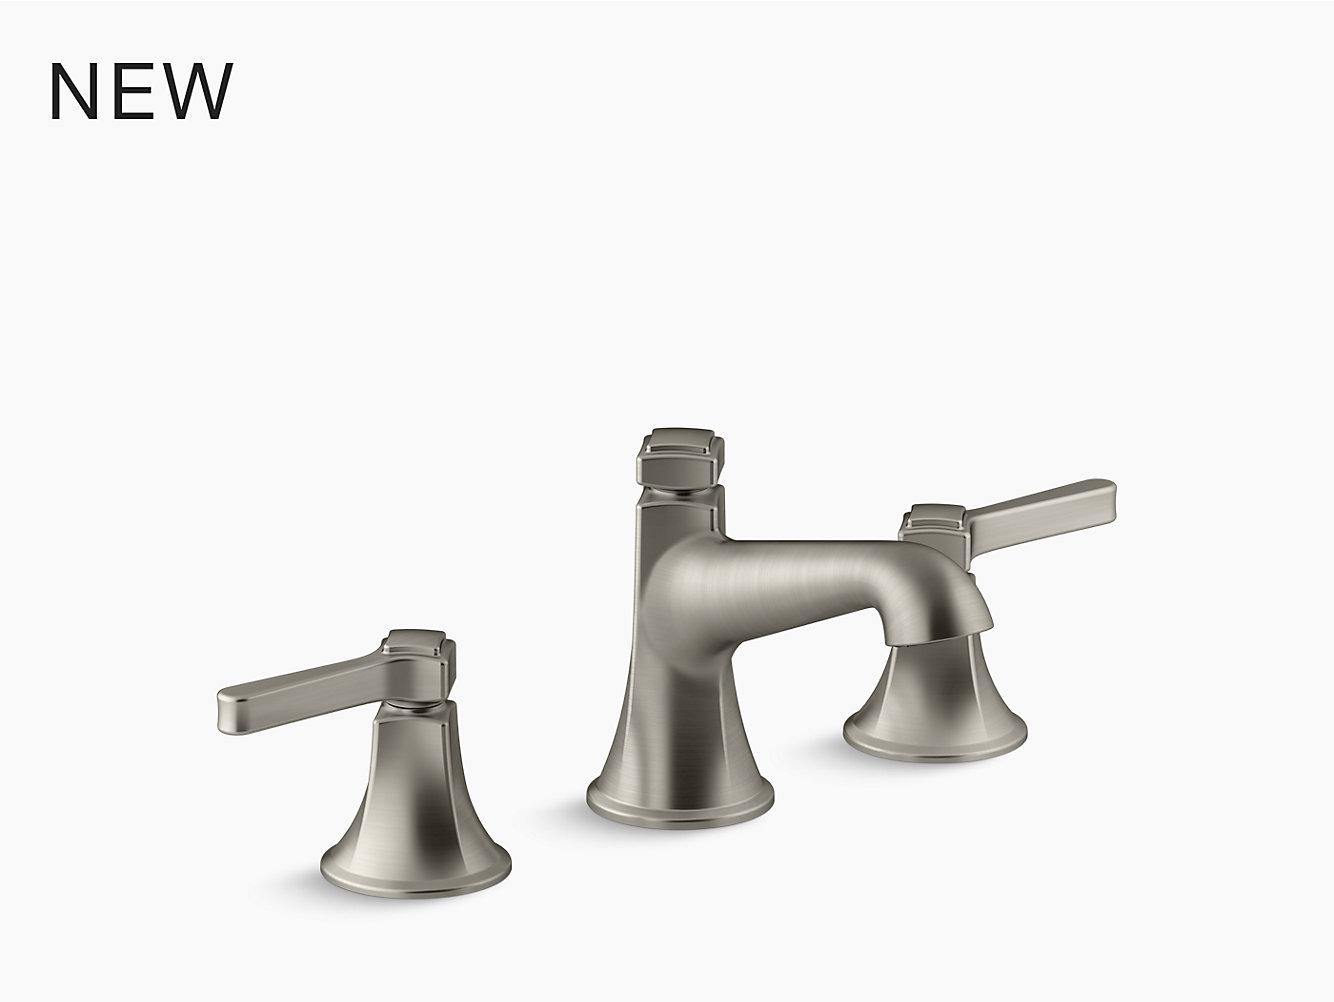 k 19480 4 symbol single control bathroom sink faucet kohler view larger